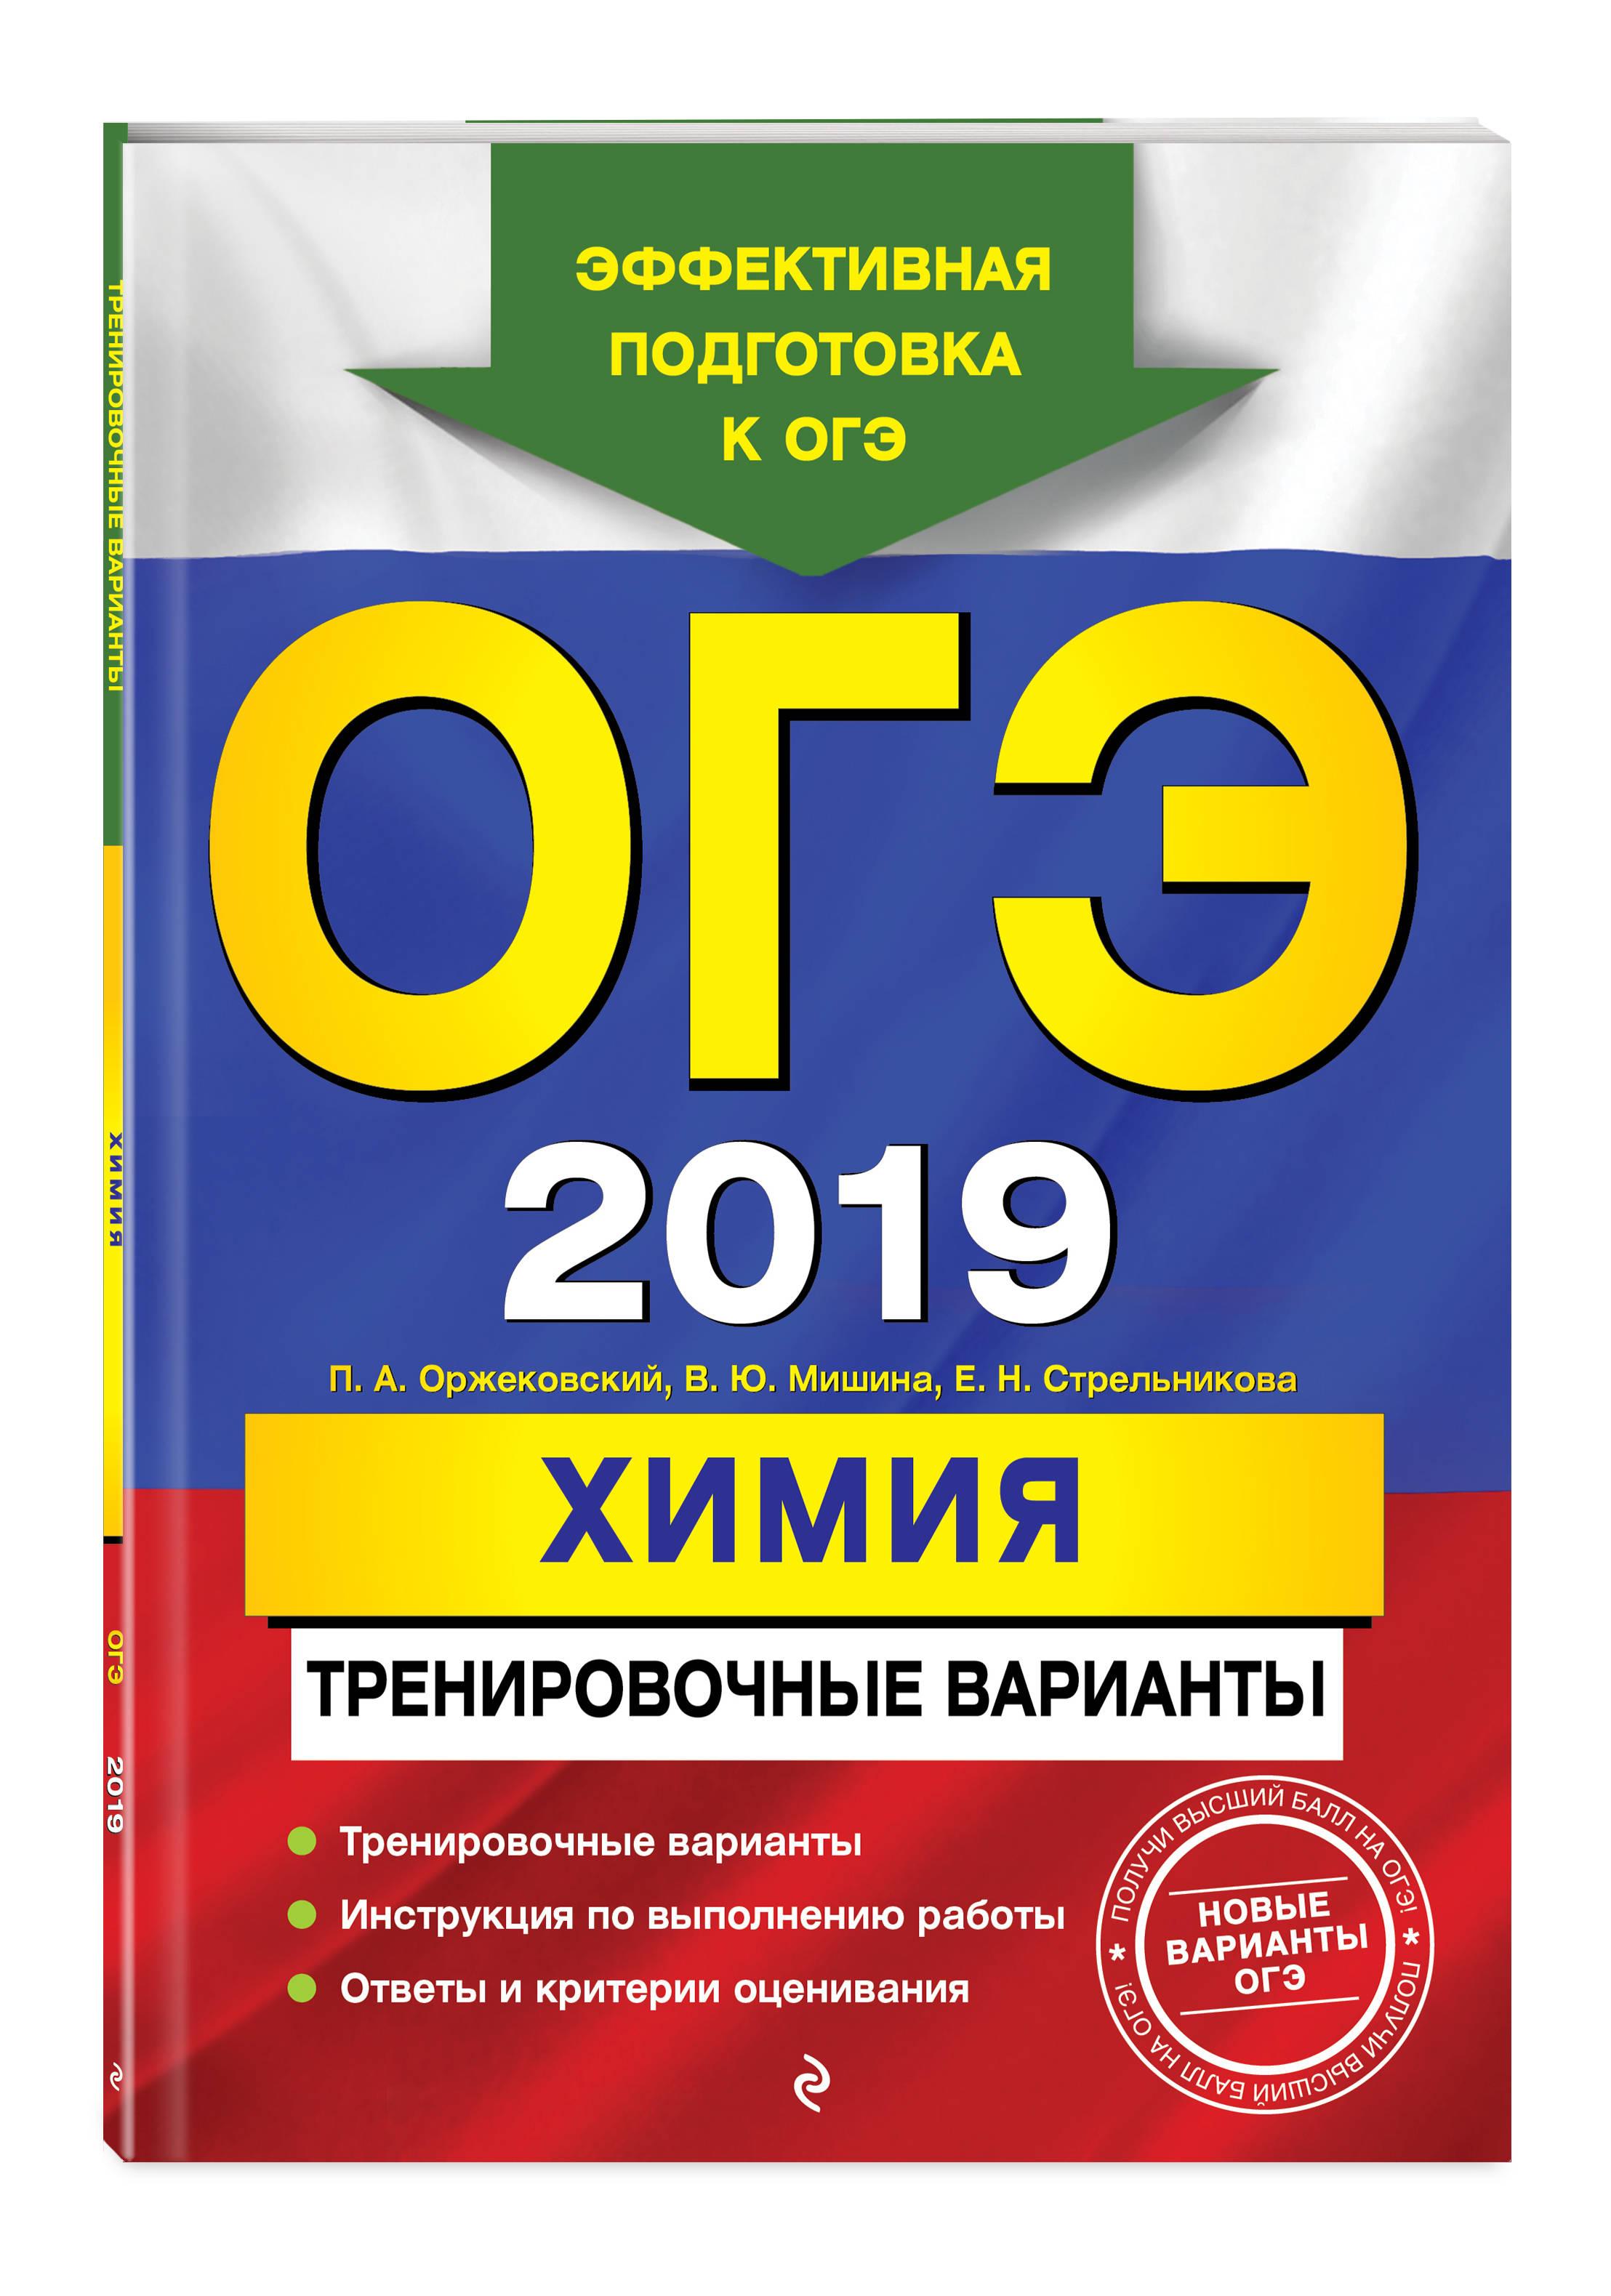 ОГЭ-2019. Химия. Тренировочные варианты